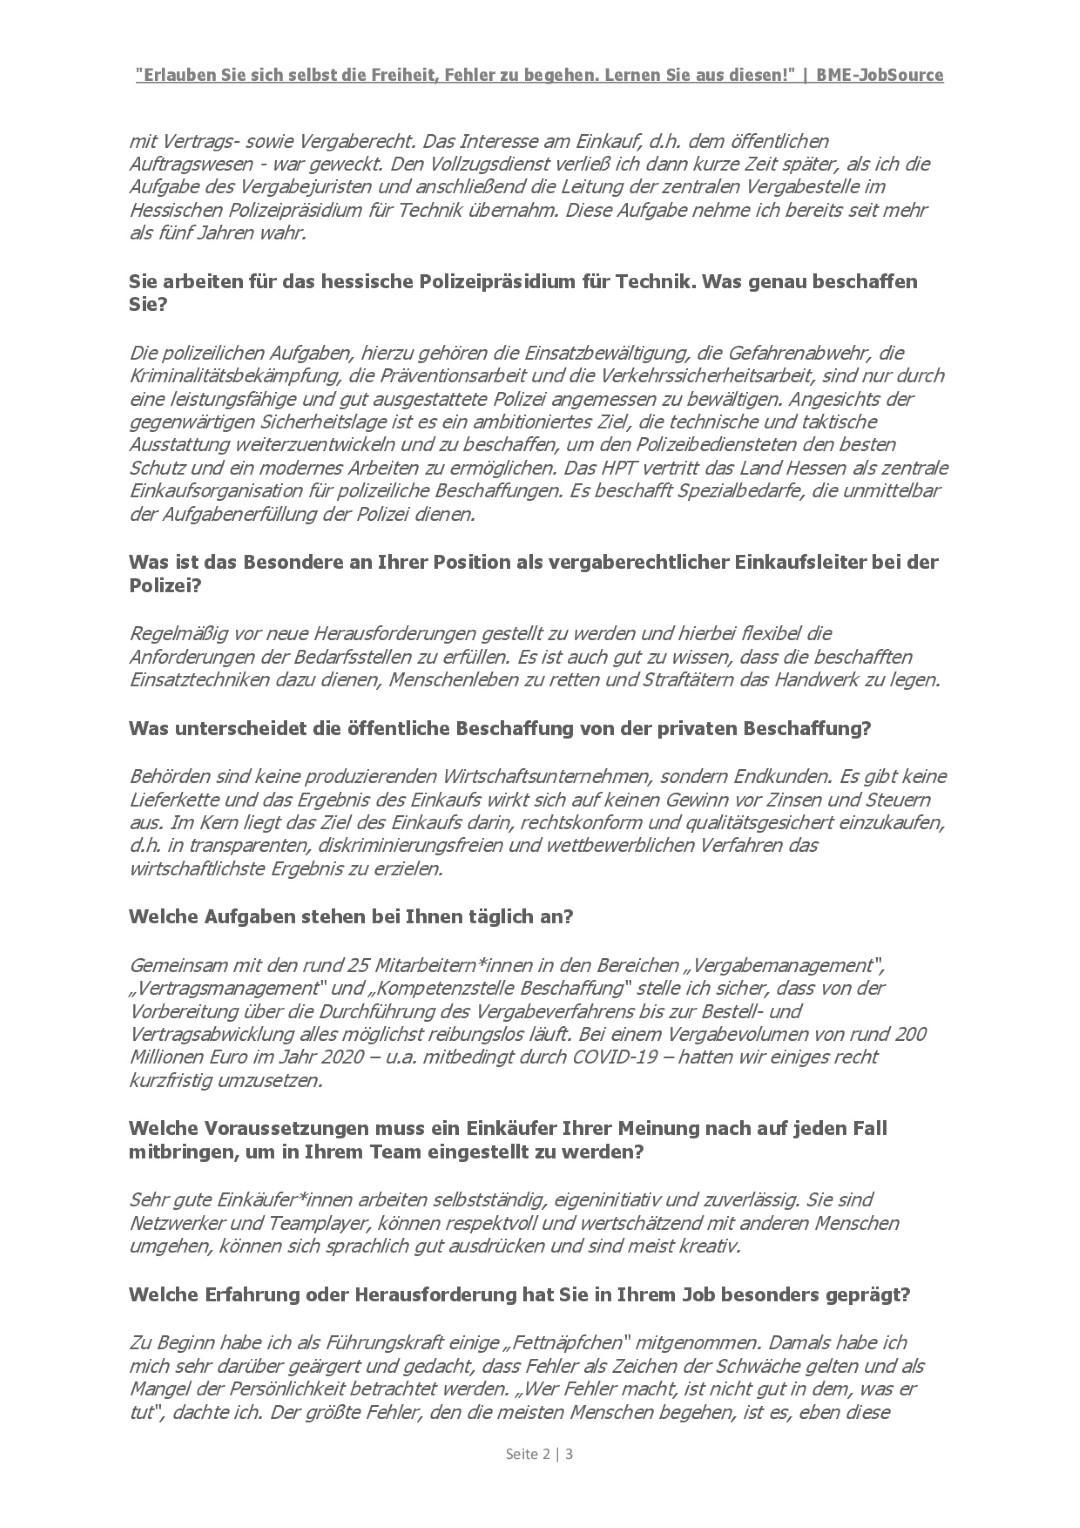 BME-JobSource - Interview Marco Führer, HPT - Seite 2